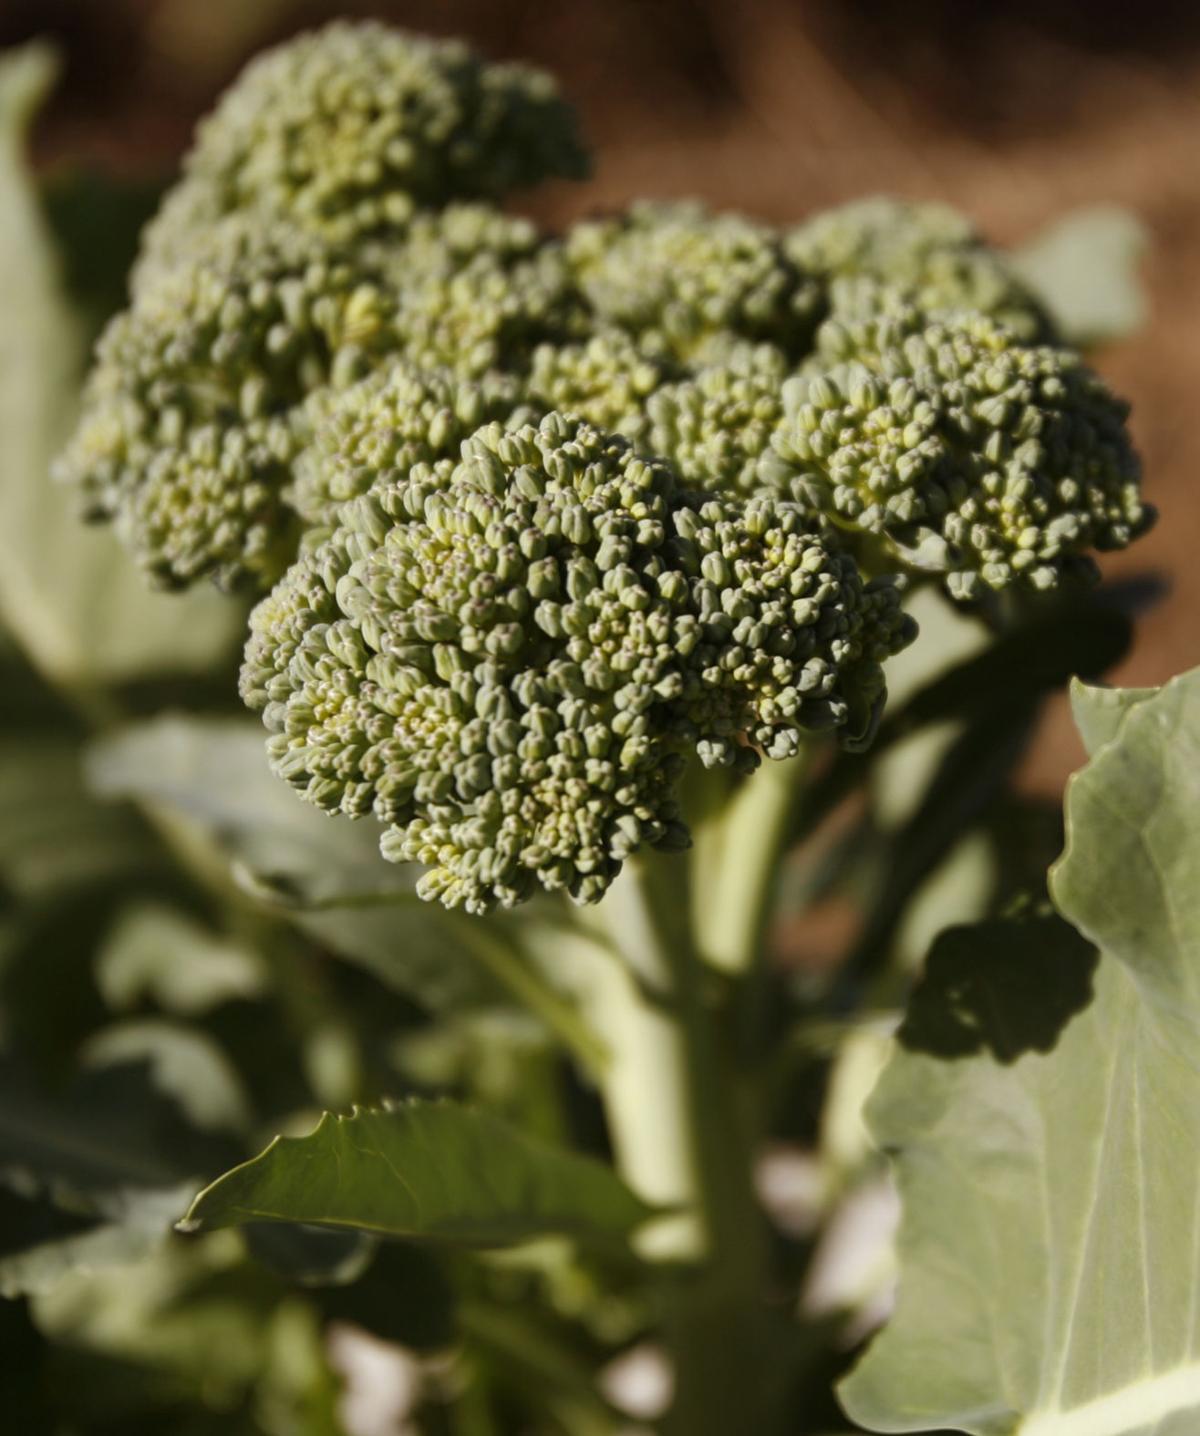 broccoli.jpg (copy)